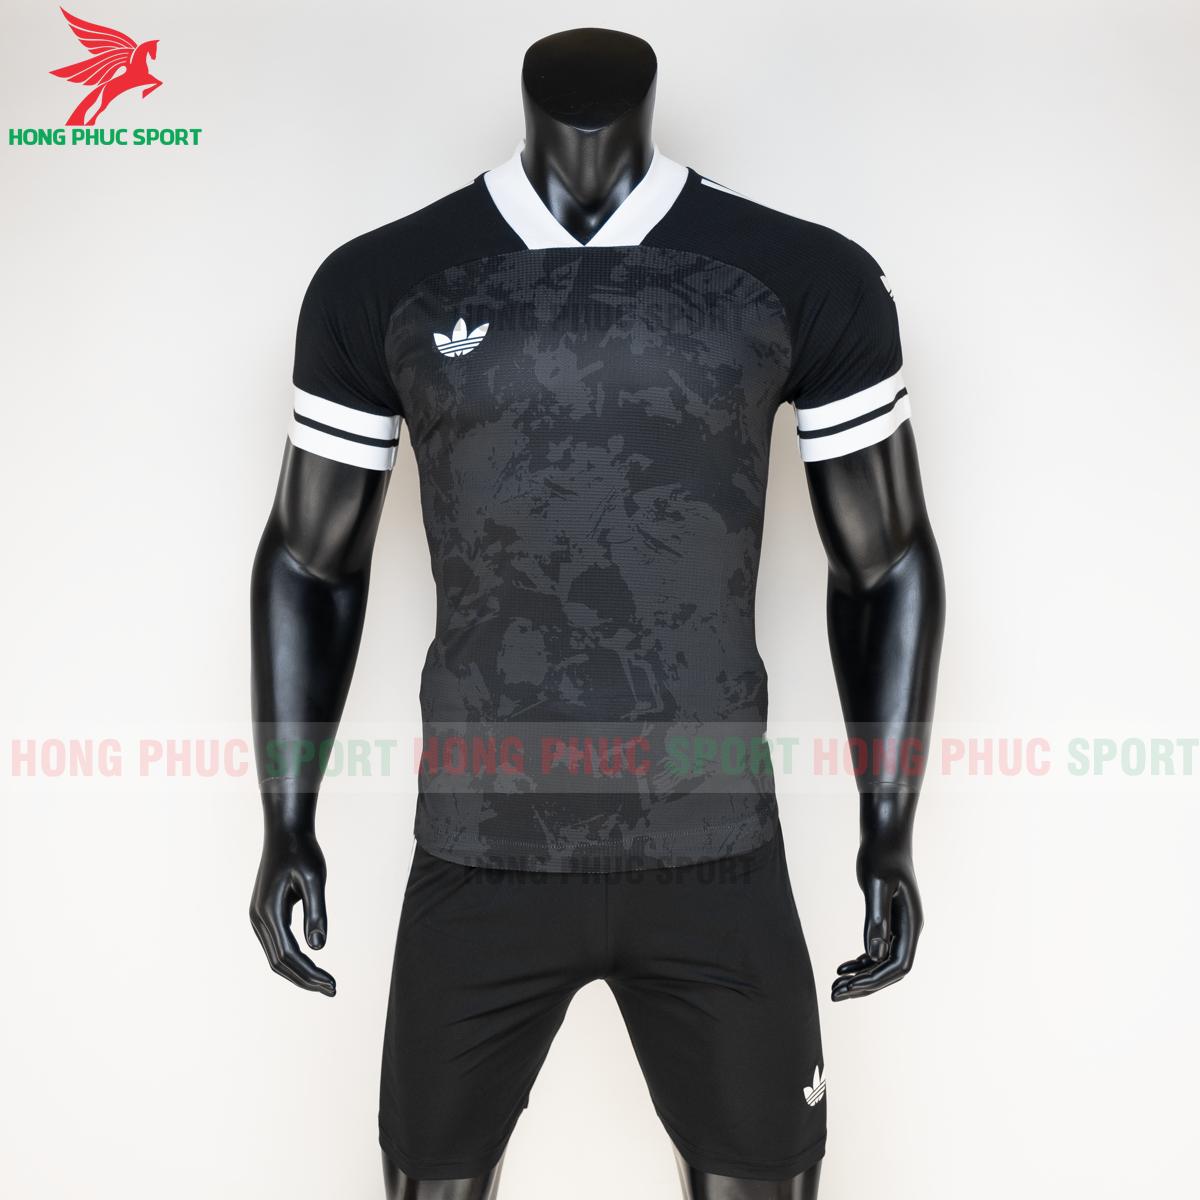 Áo đá banh không logo Condivo ba lá Adidas 2020 2021 mẫu 3 (trước)